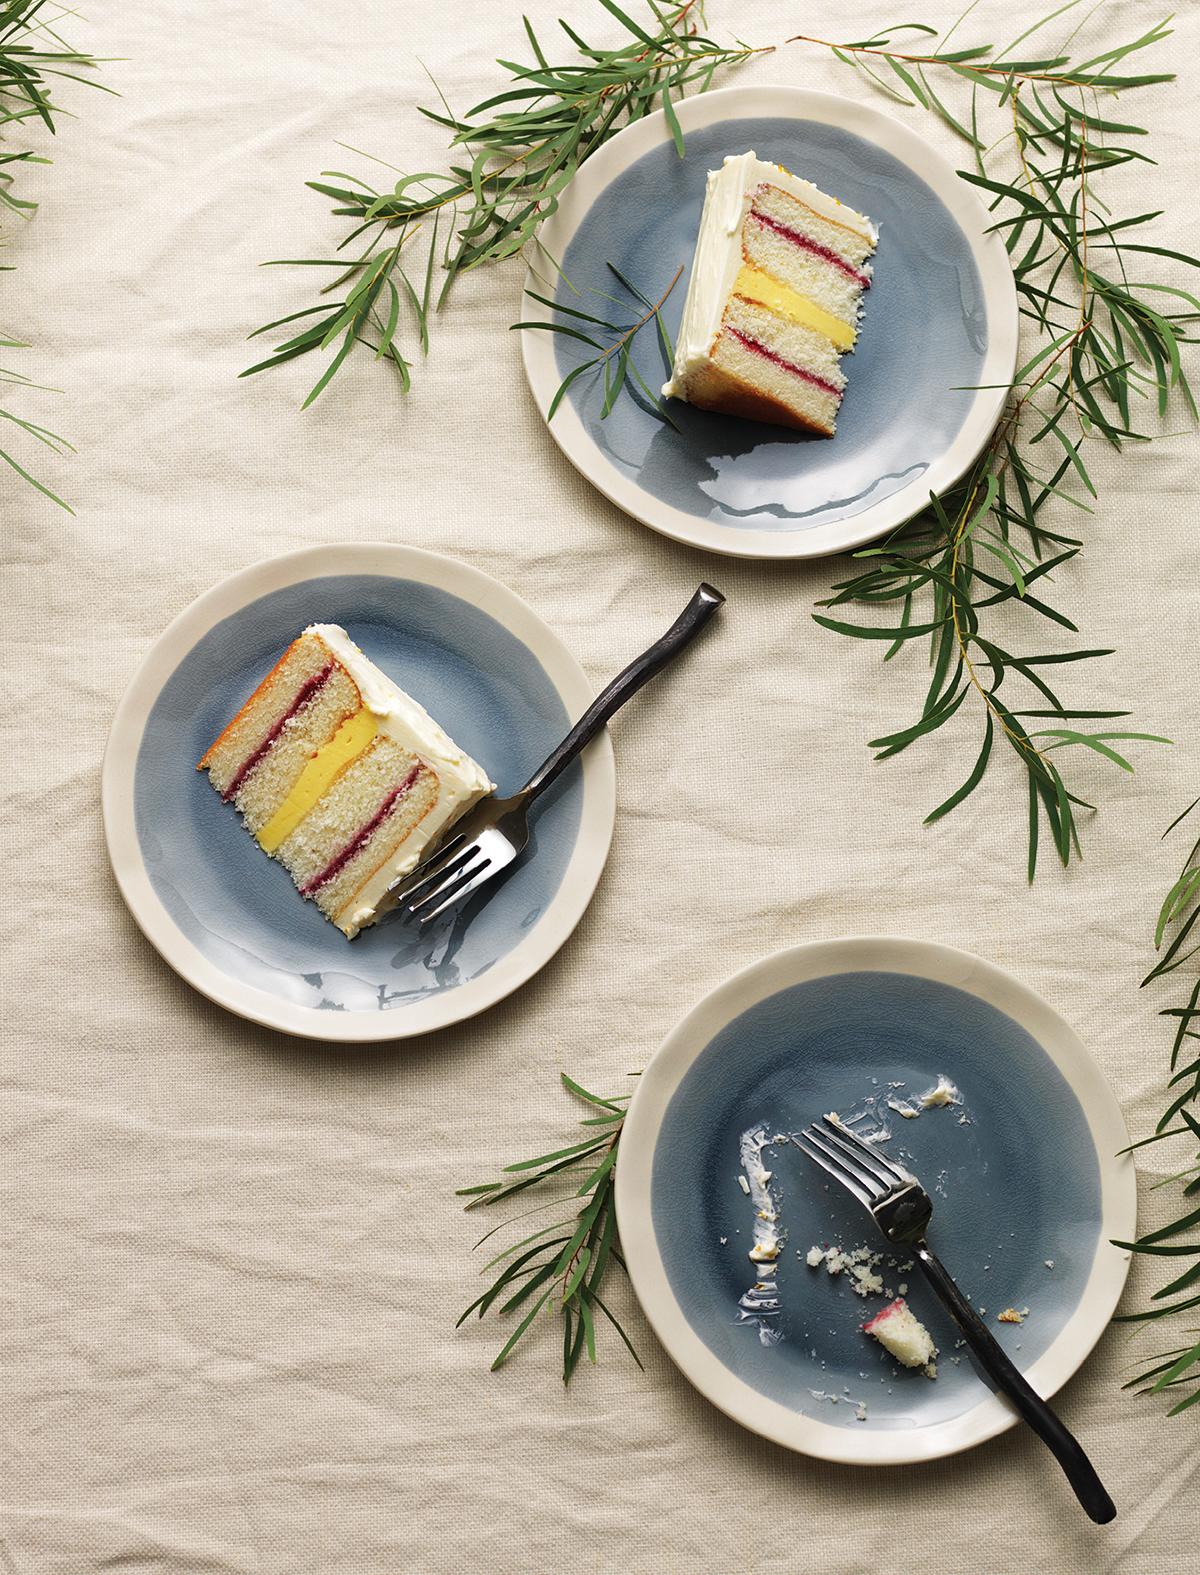 wedding cakes flowers pairings